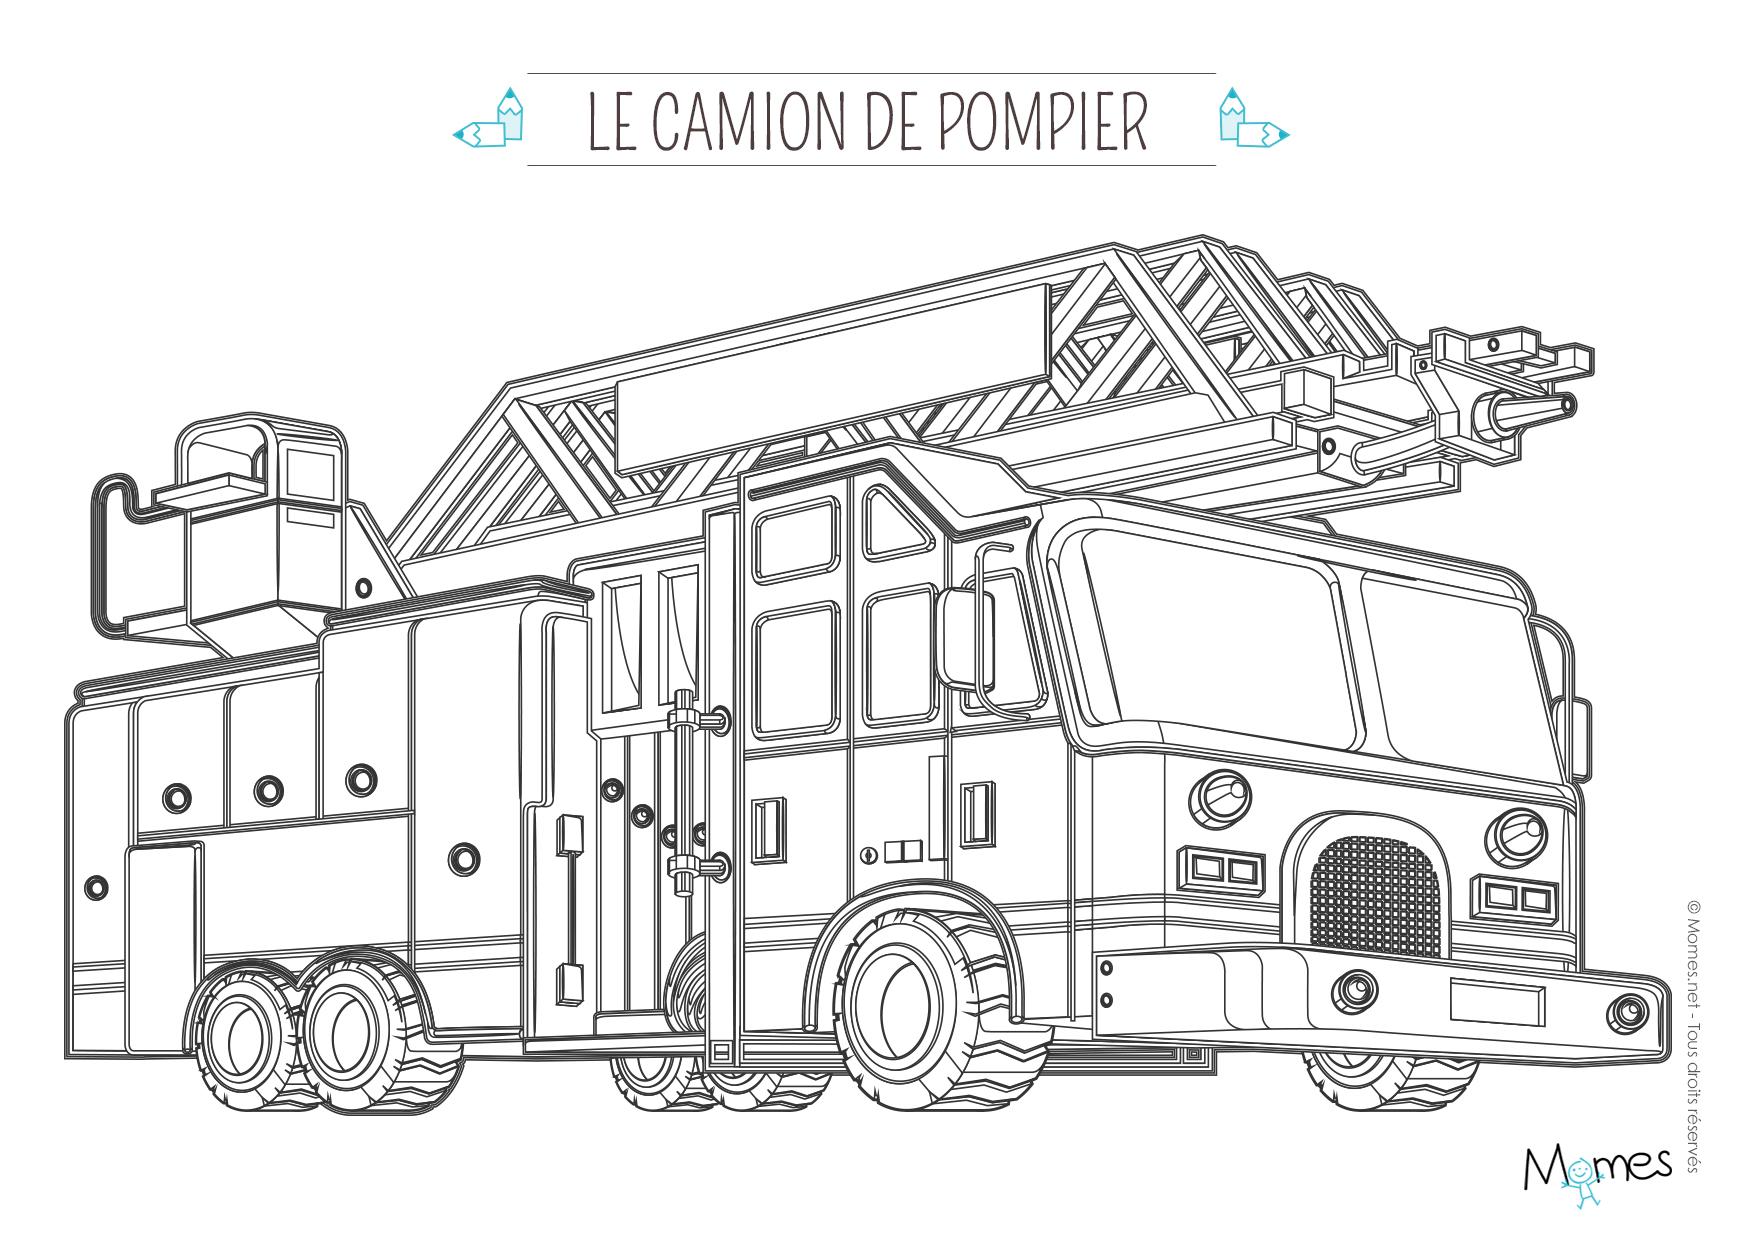 Coloriage camion de pompier avec la grande échelle | MOMES.net